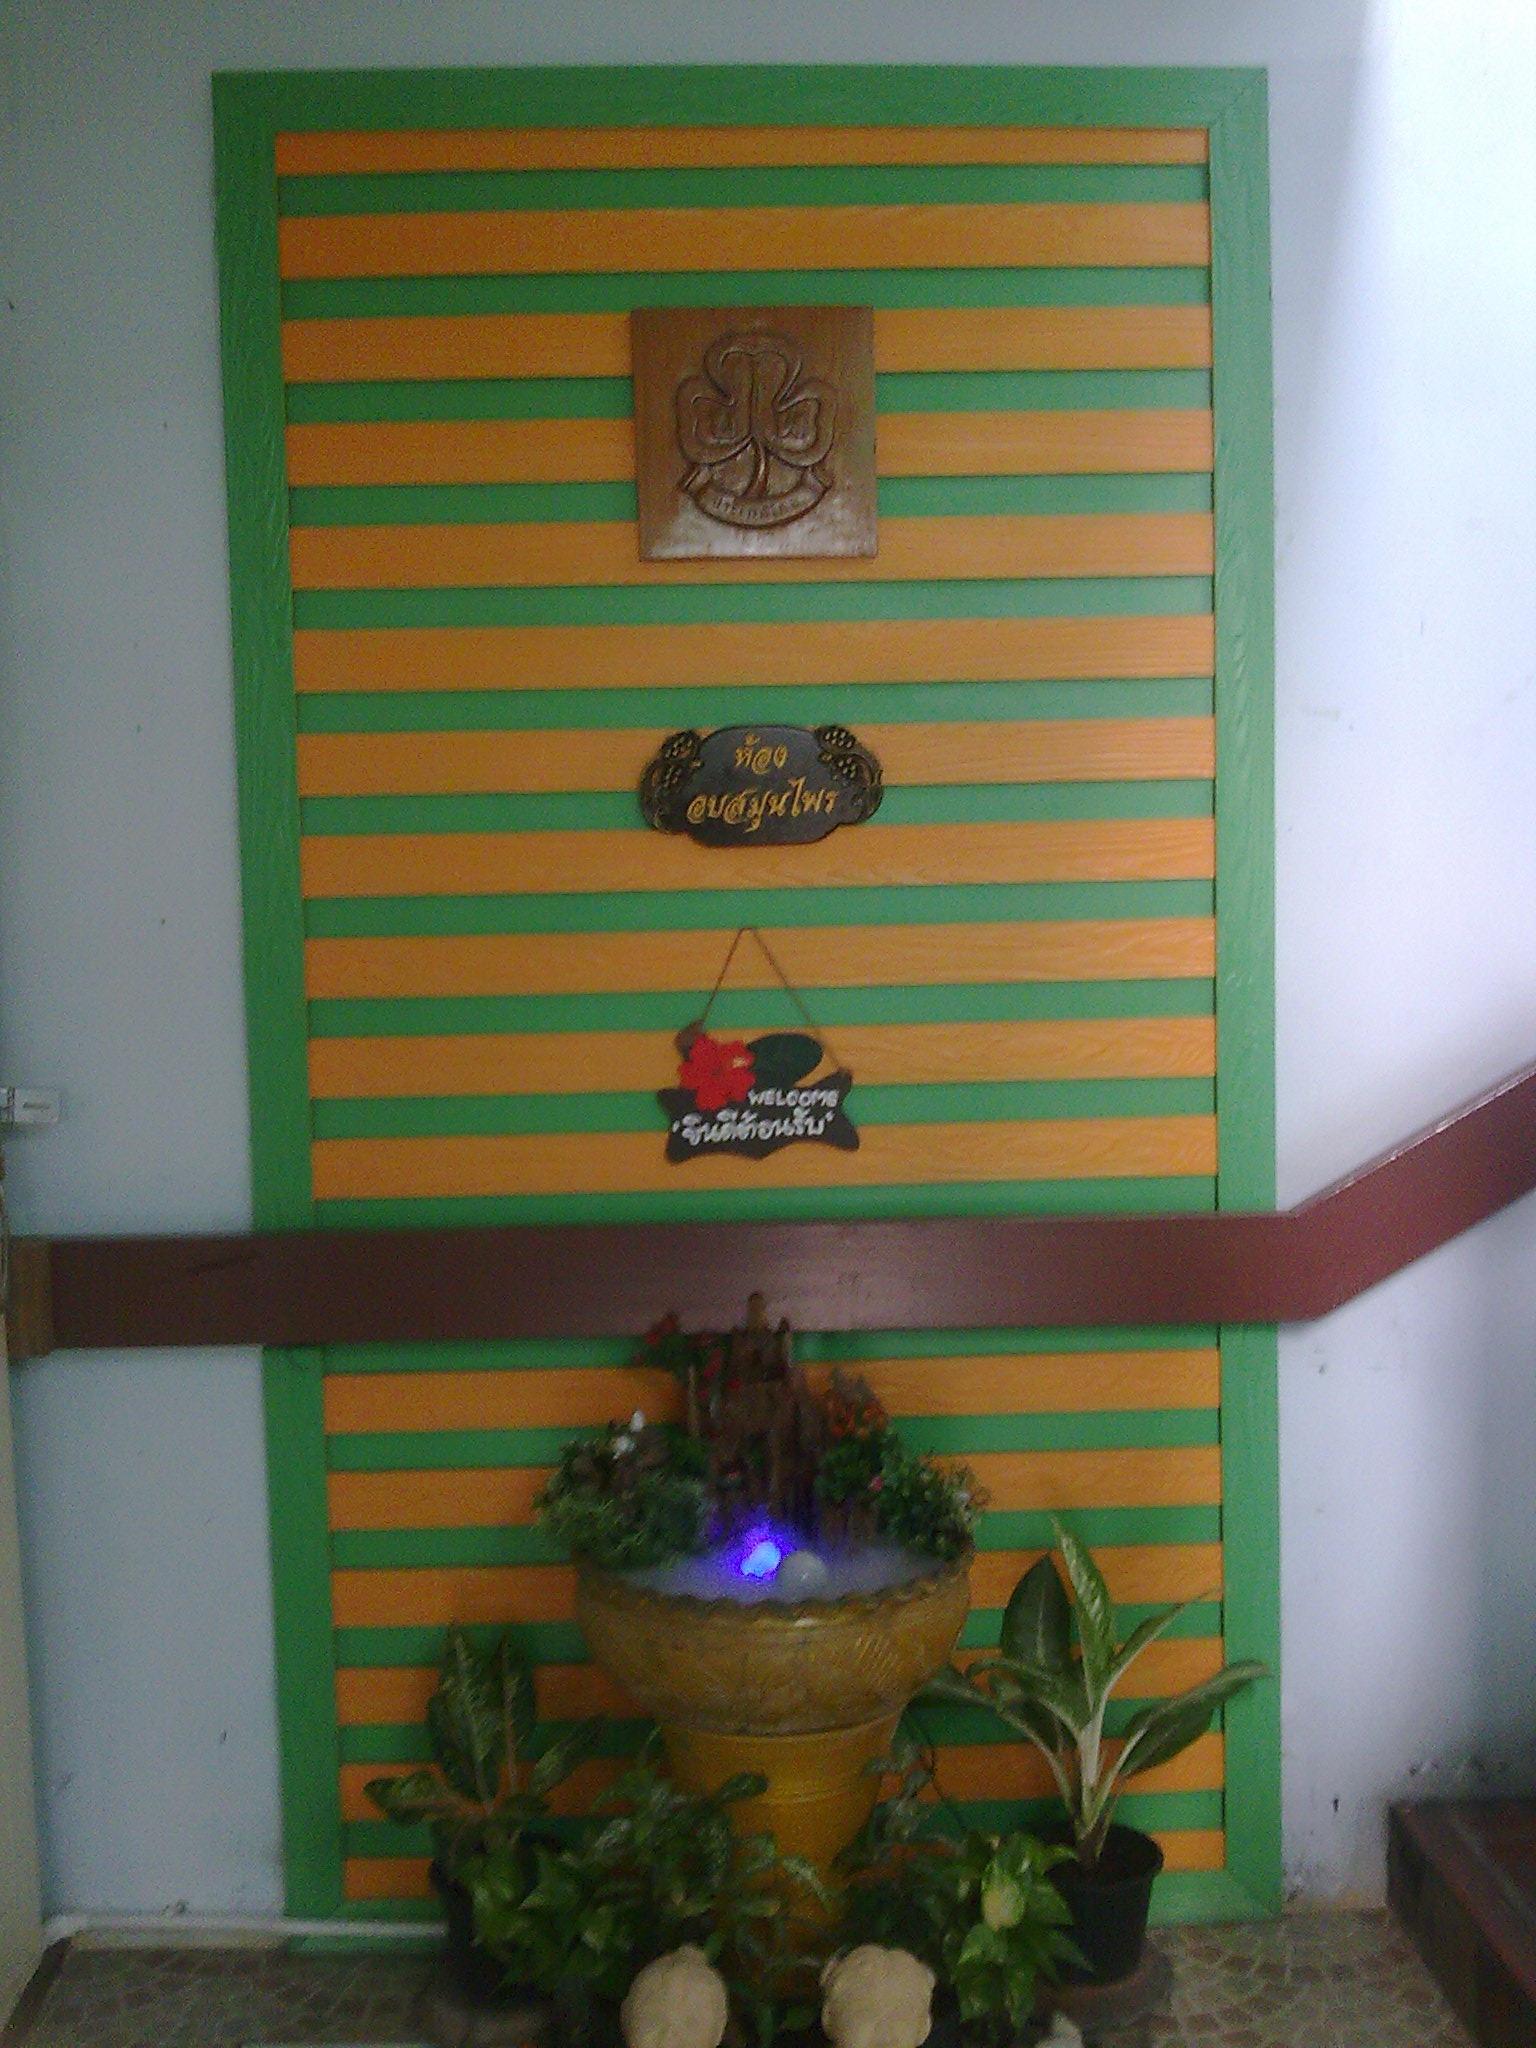 ห้องอบสมุทนไพร2 (2)